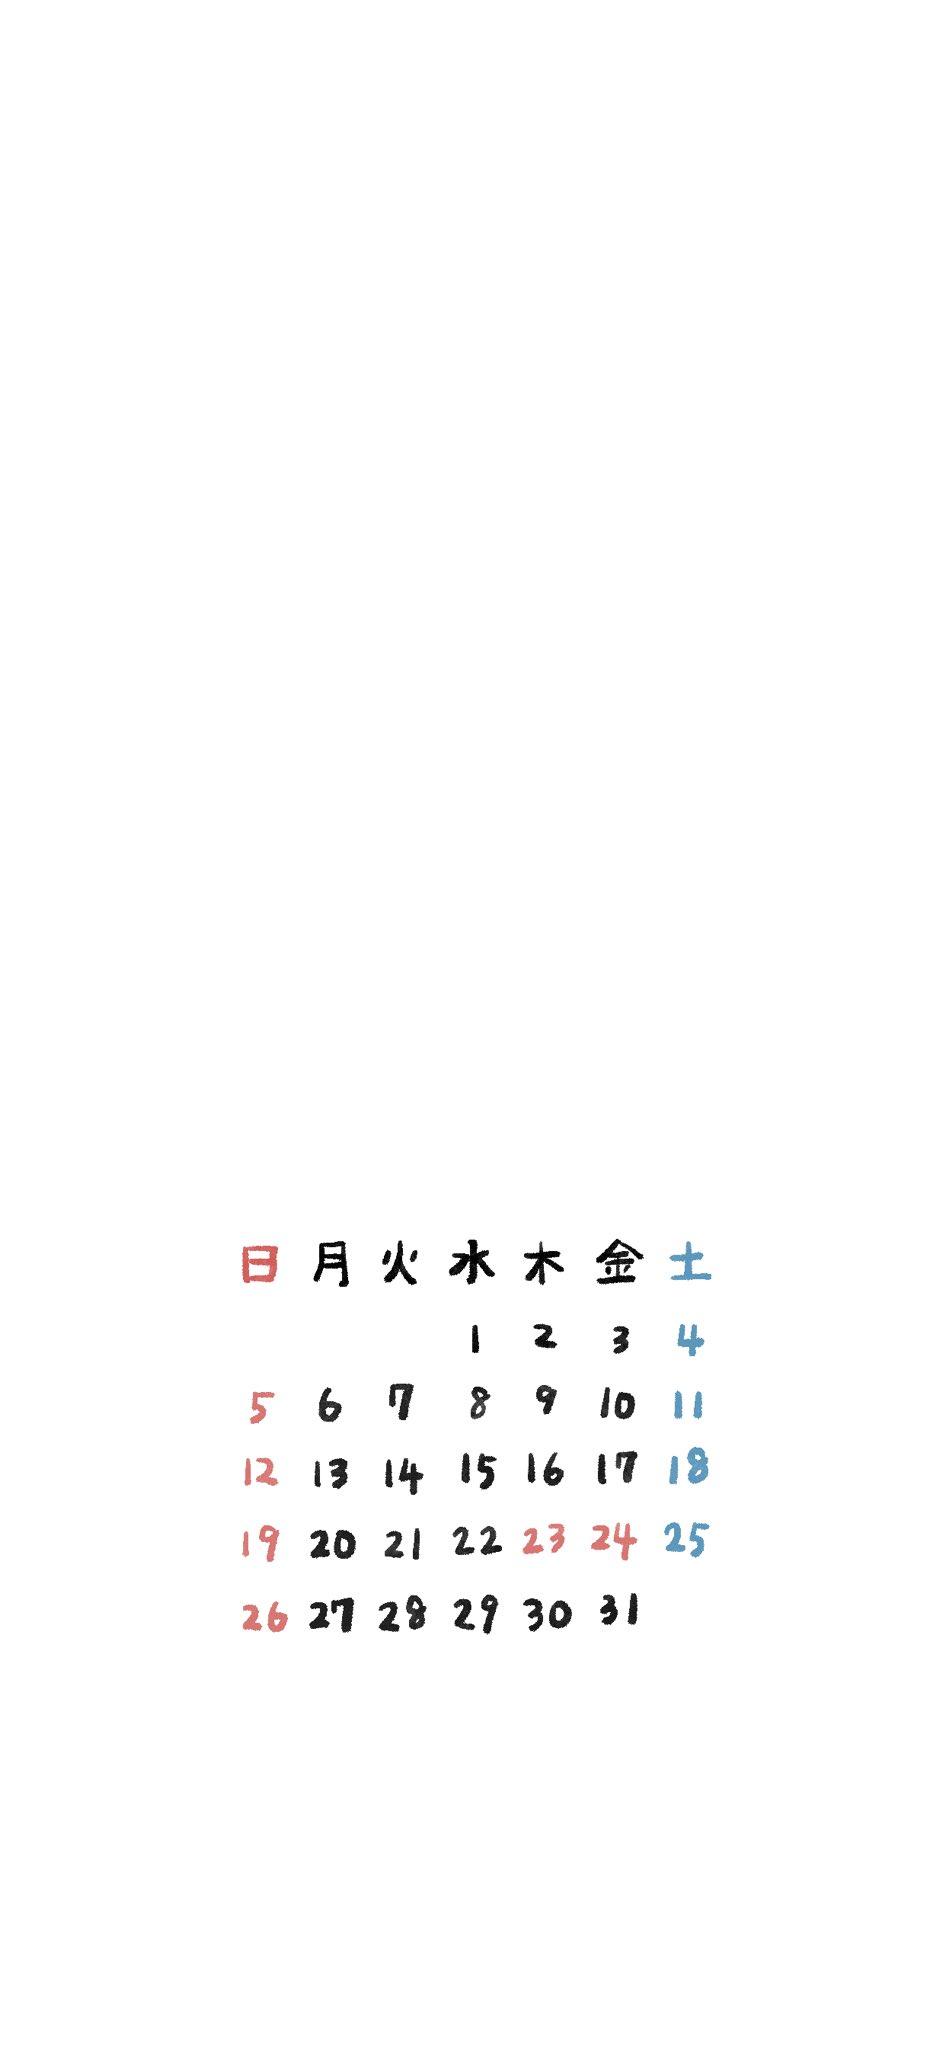 スマホ待受カレンダーの画像